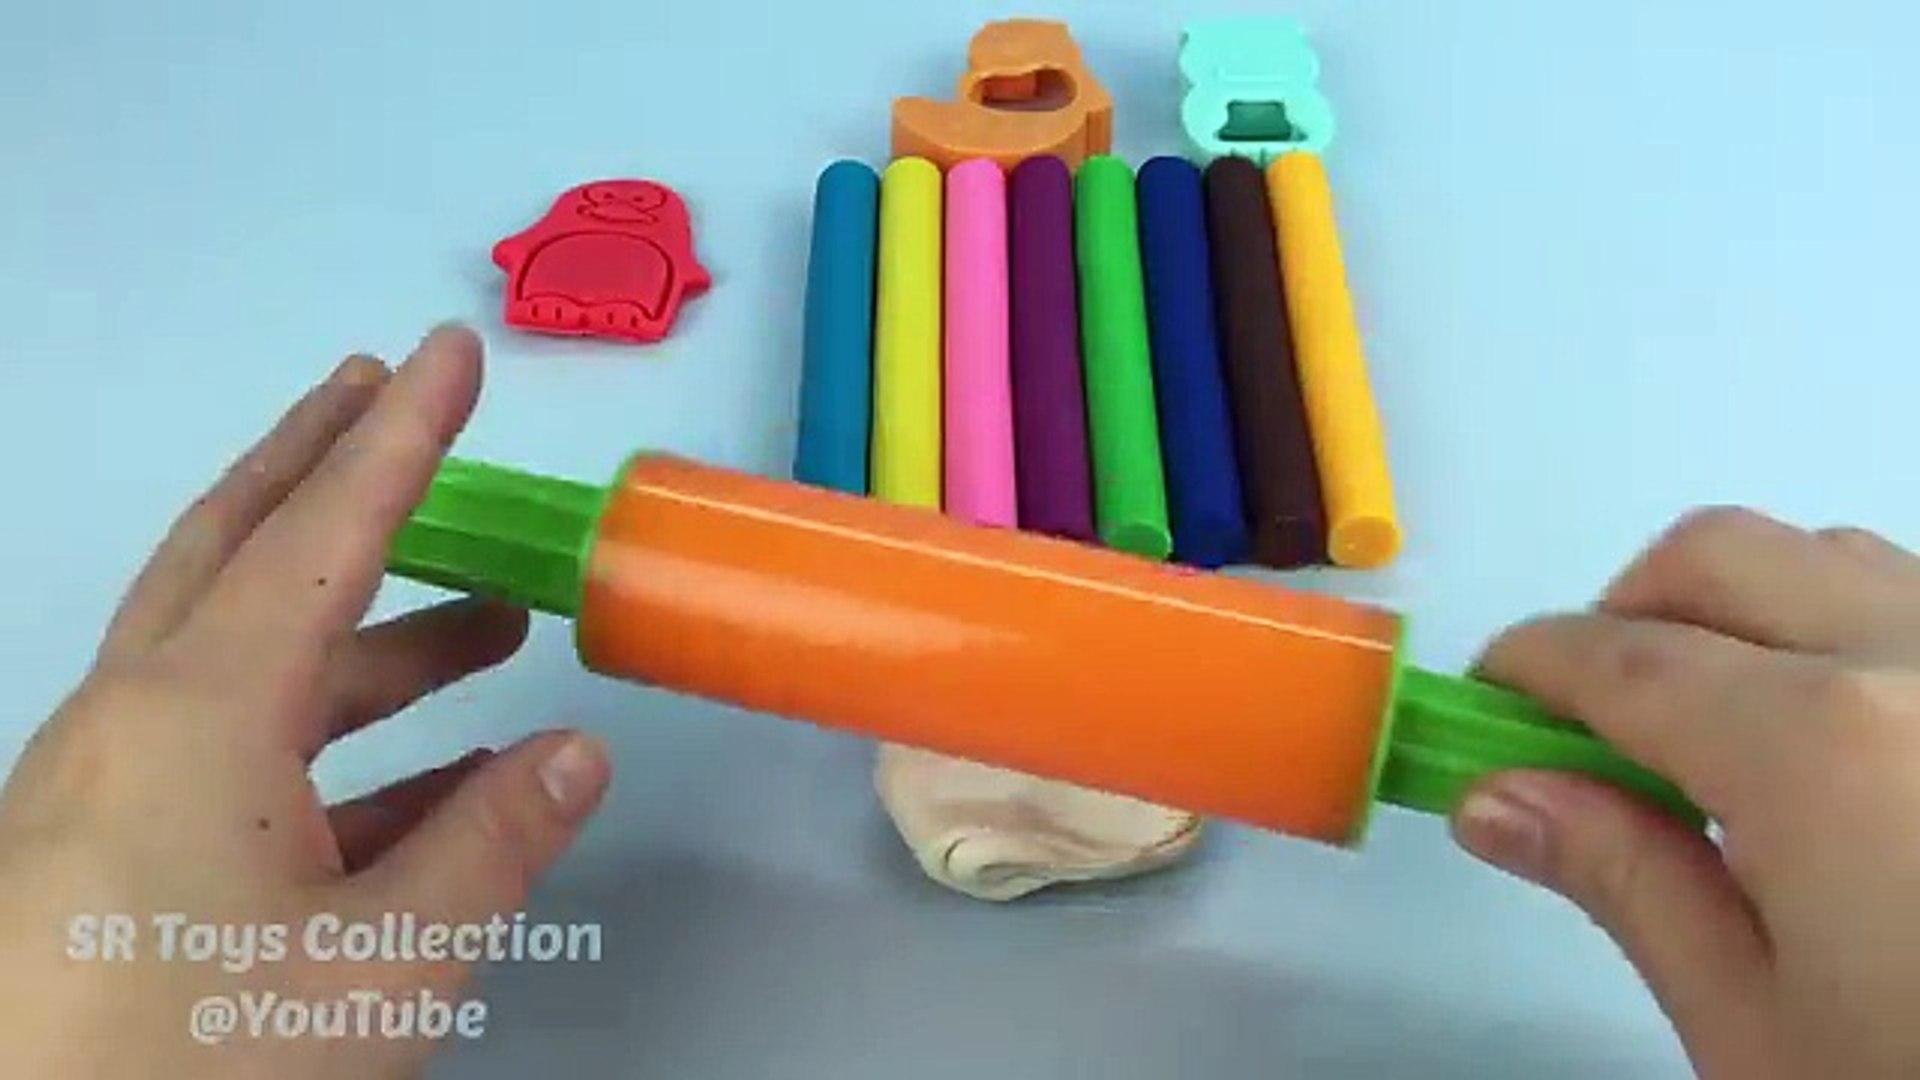 И глина цвета Творческий Творческий е е е е е весело Узнайте моделирование пресс-формы играть пласти